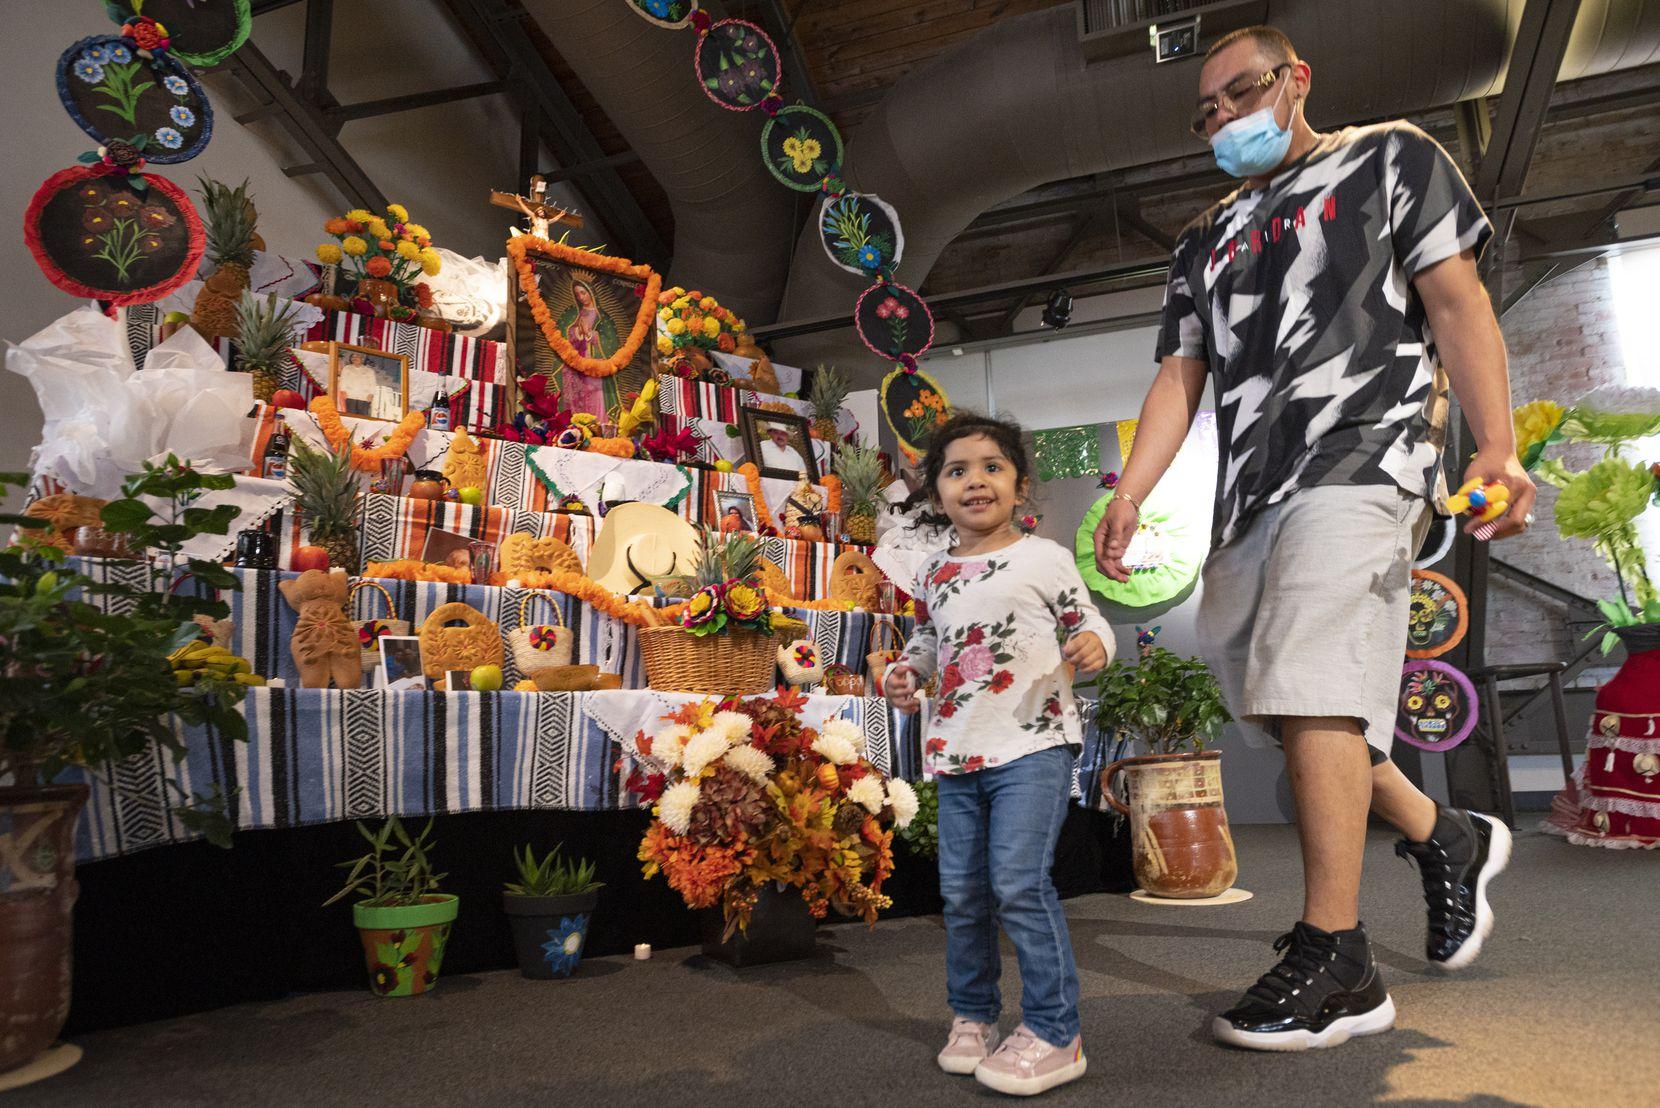 Sophia Rodríguez, de 3 años, y Alejandro Núñez recorren la exhibición del Día de los Muertos en Mundo Latino, una de las ofertas de la Feria Estatal en el Women's Building.